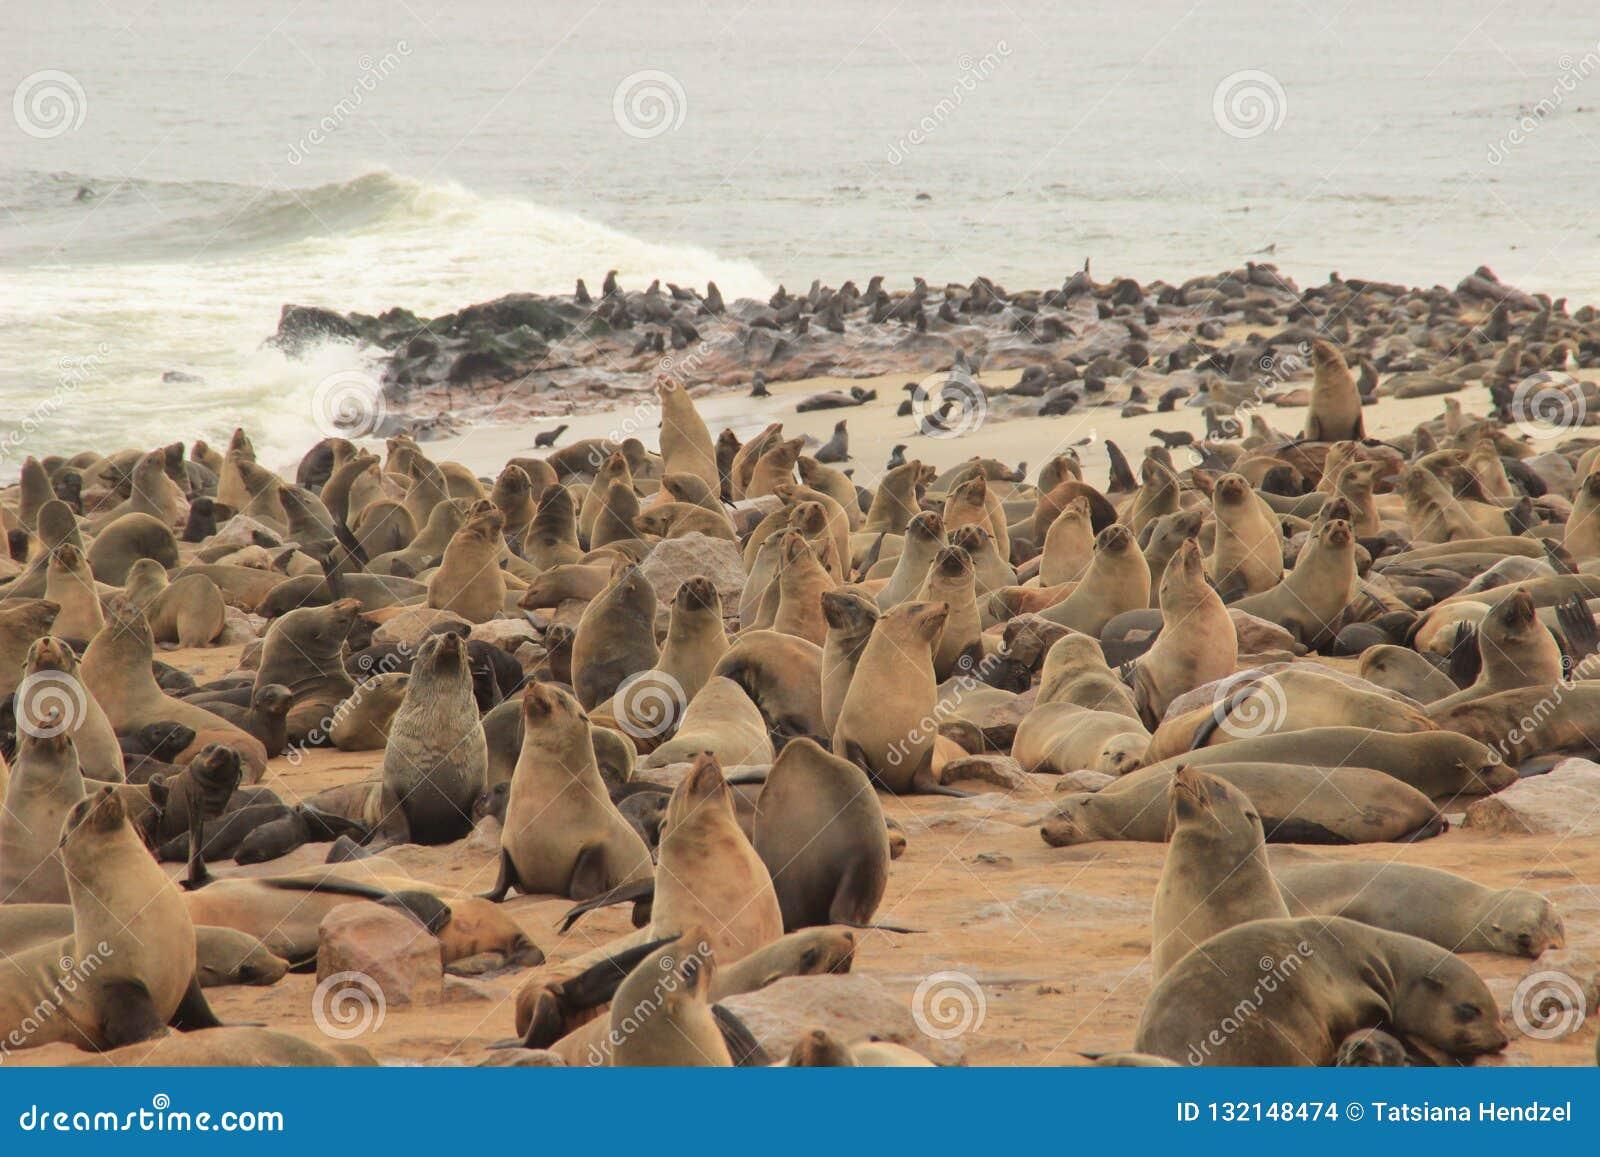 Los sellos lindos se divierten en las orillas del Océano Atlántico en Namibia